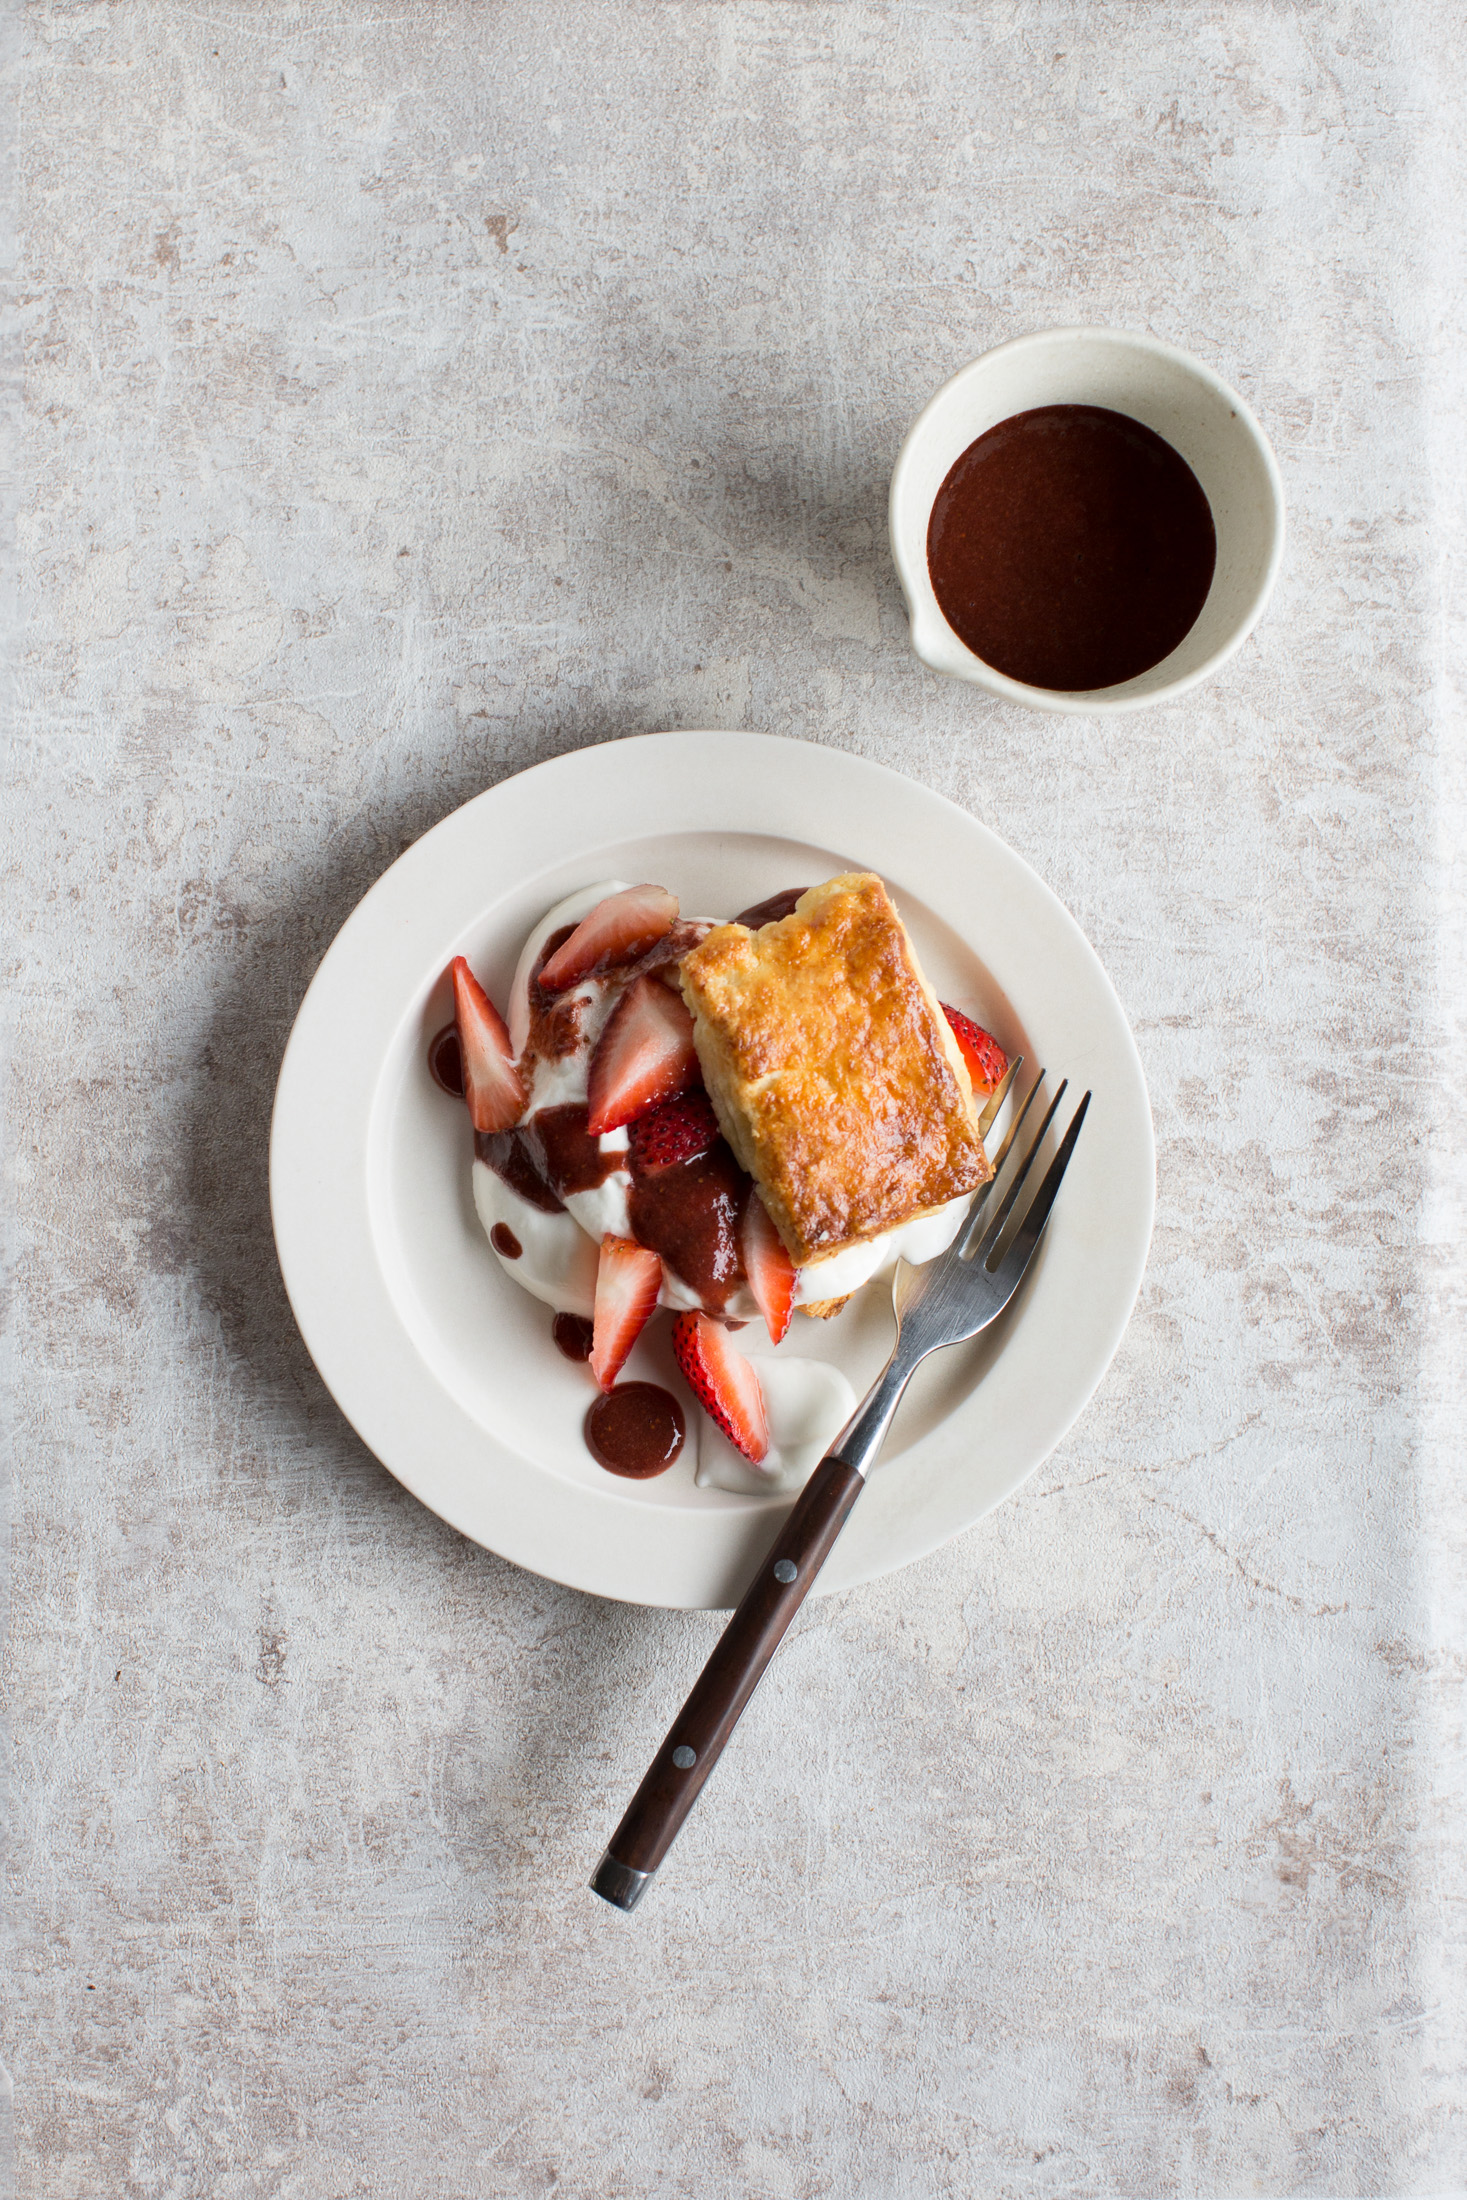 草莓酥餅-修圖前